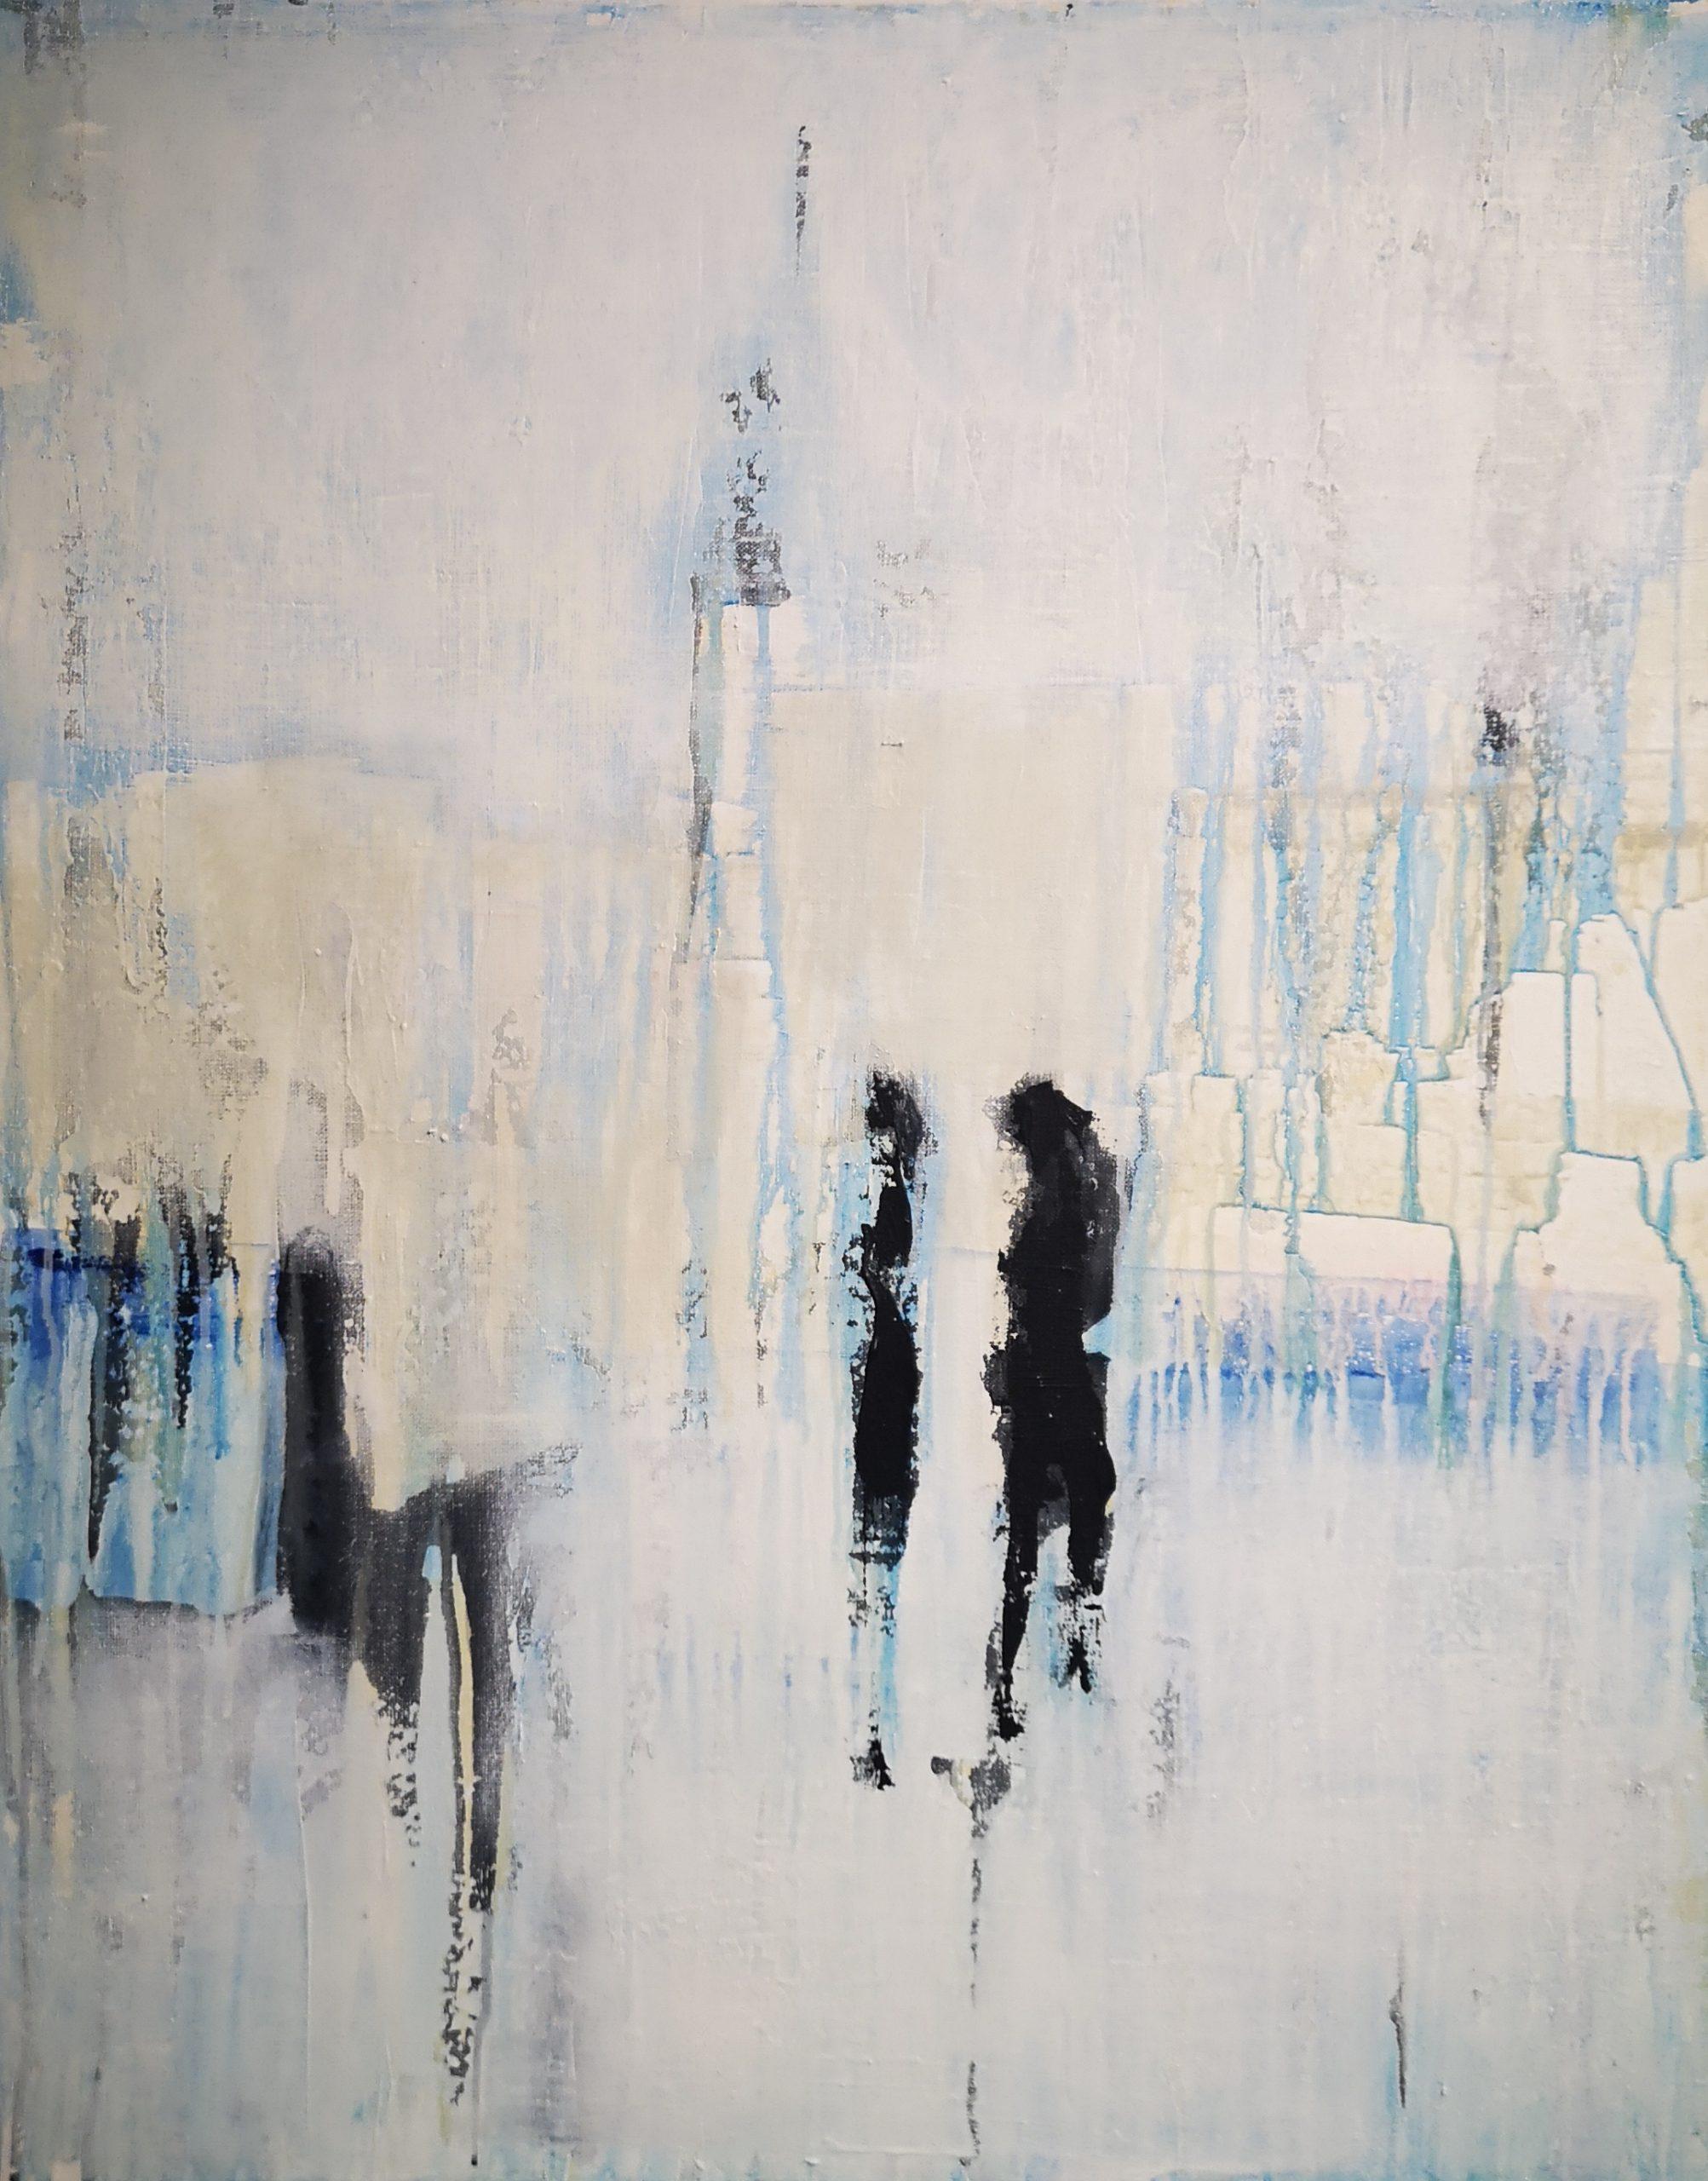 Kunst, abstrakte Malerei, Strukturbild, Acrylmalerei auf Leinwand